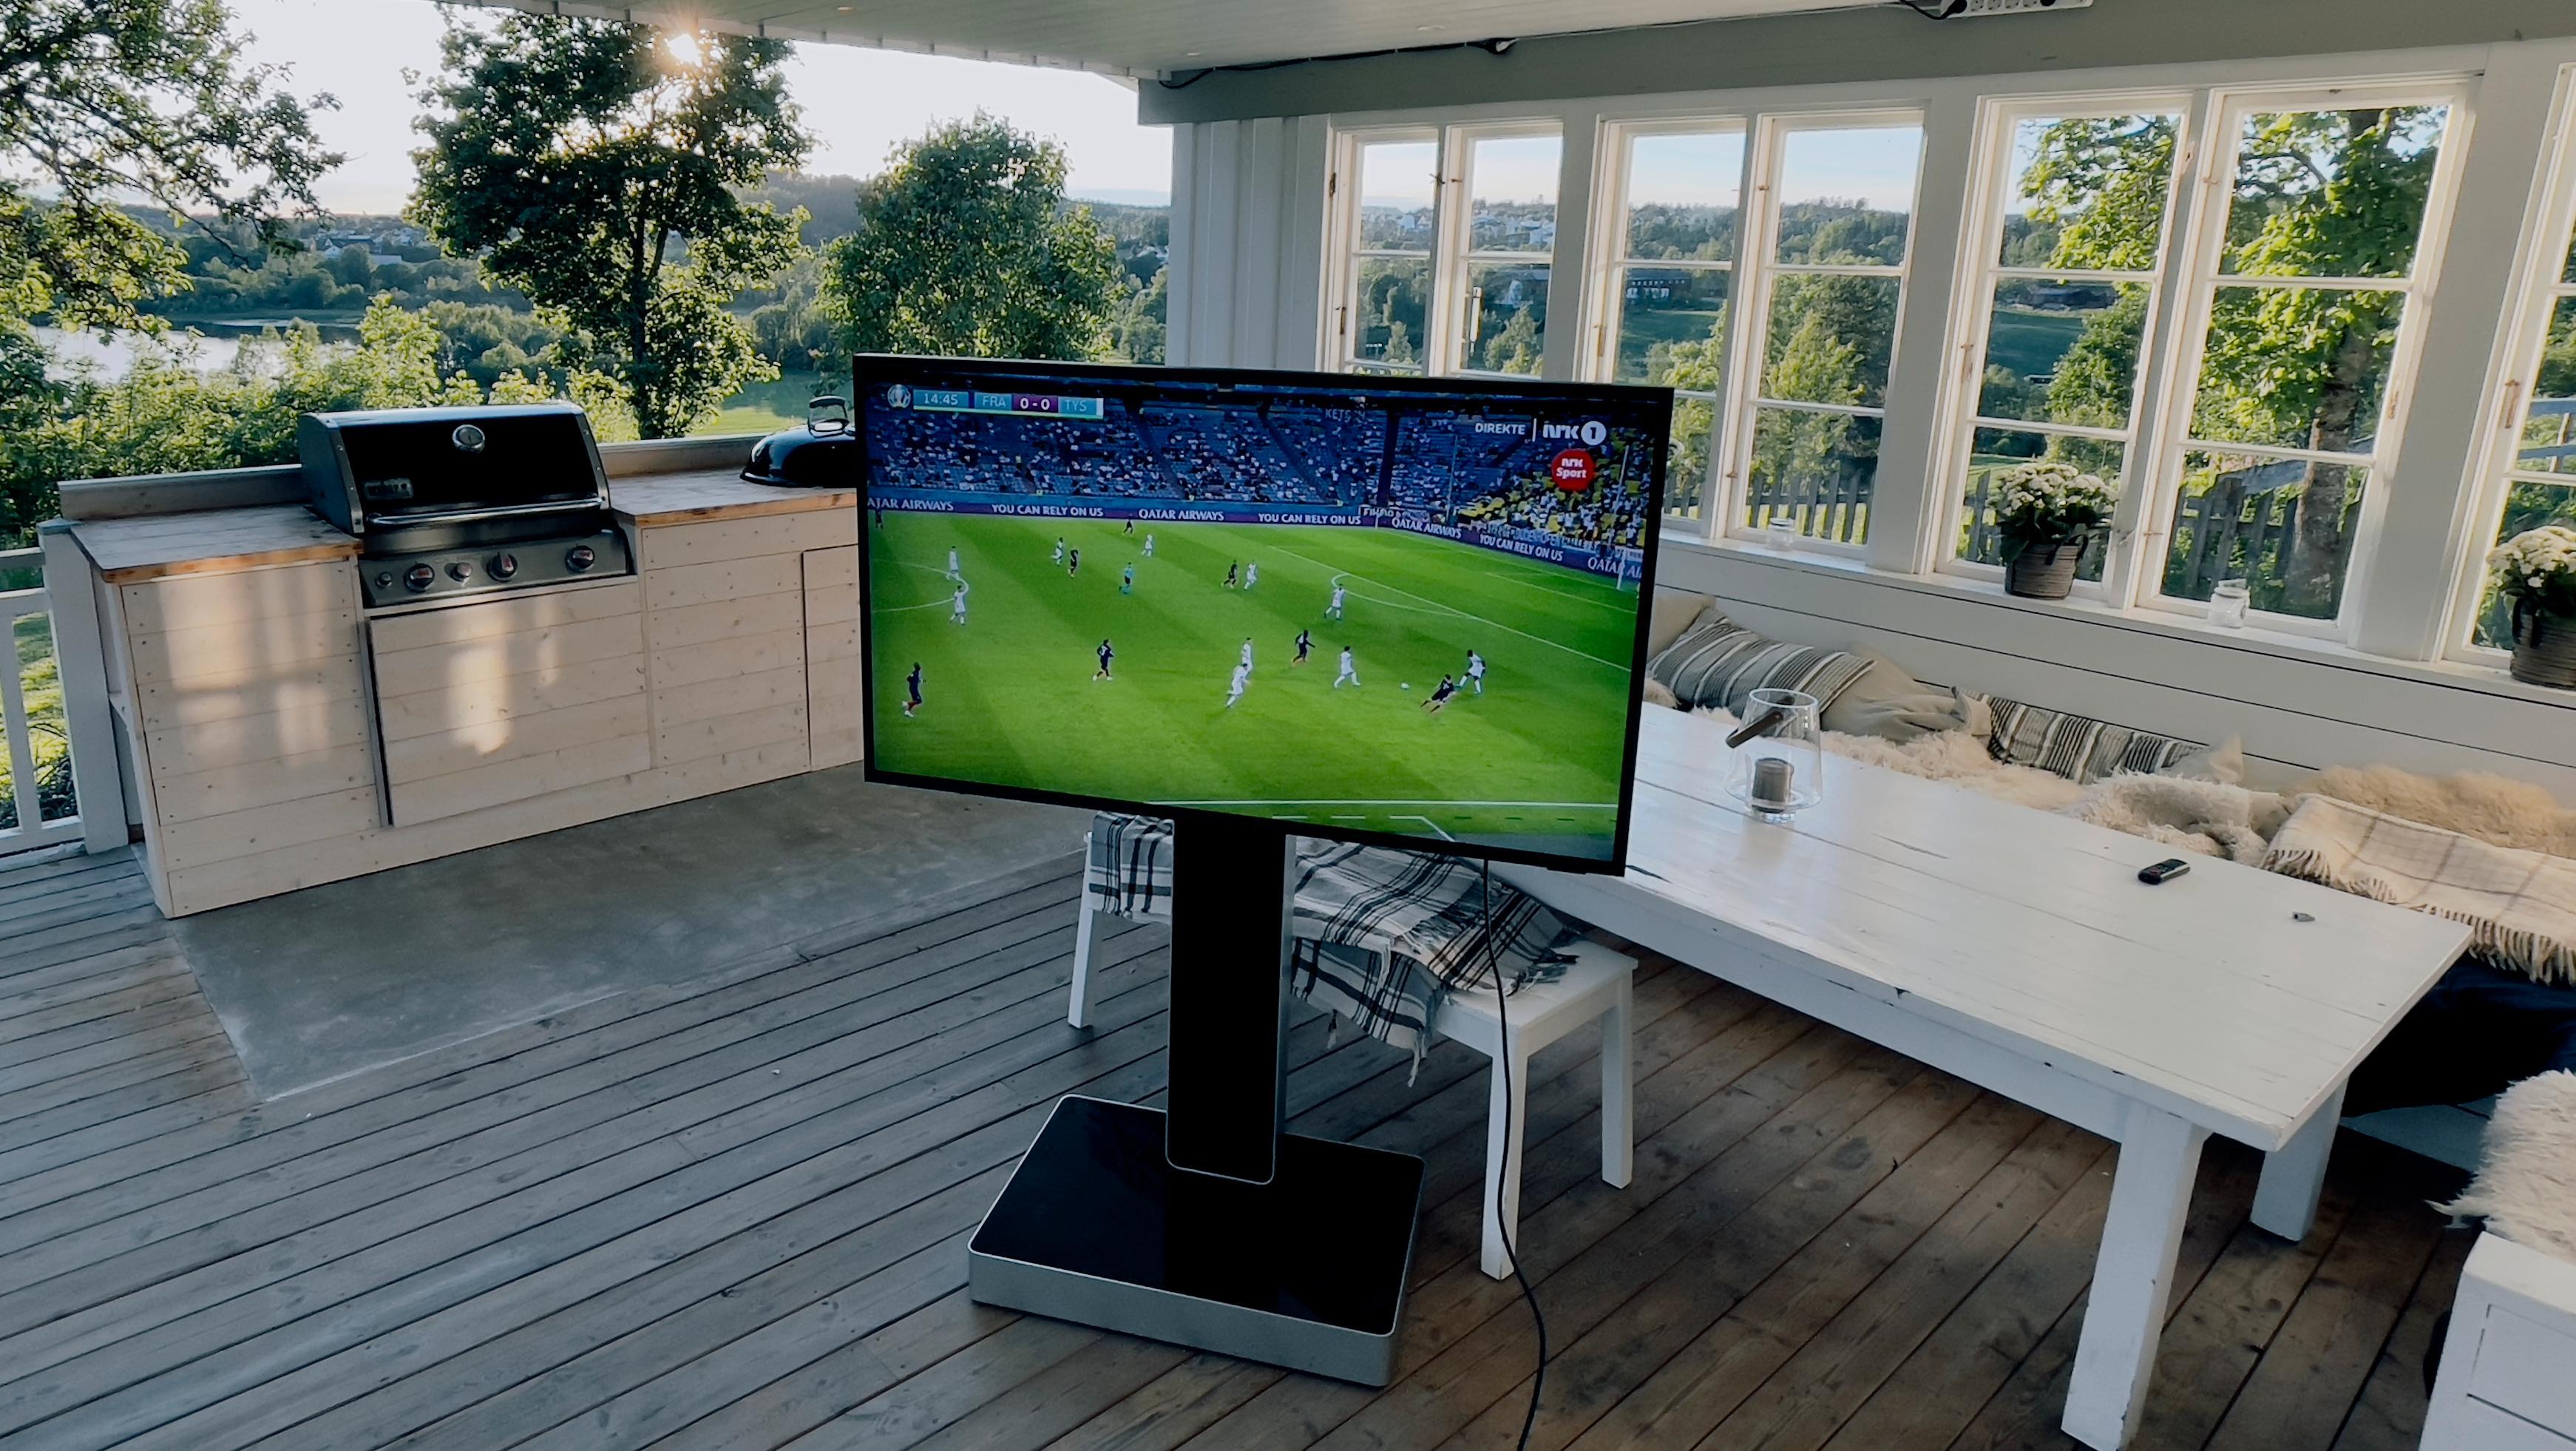 Å se TV utendørs ga oss en aha-opplevelse. Men det koster også en solid slump penger.